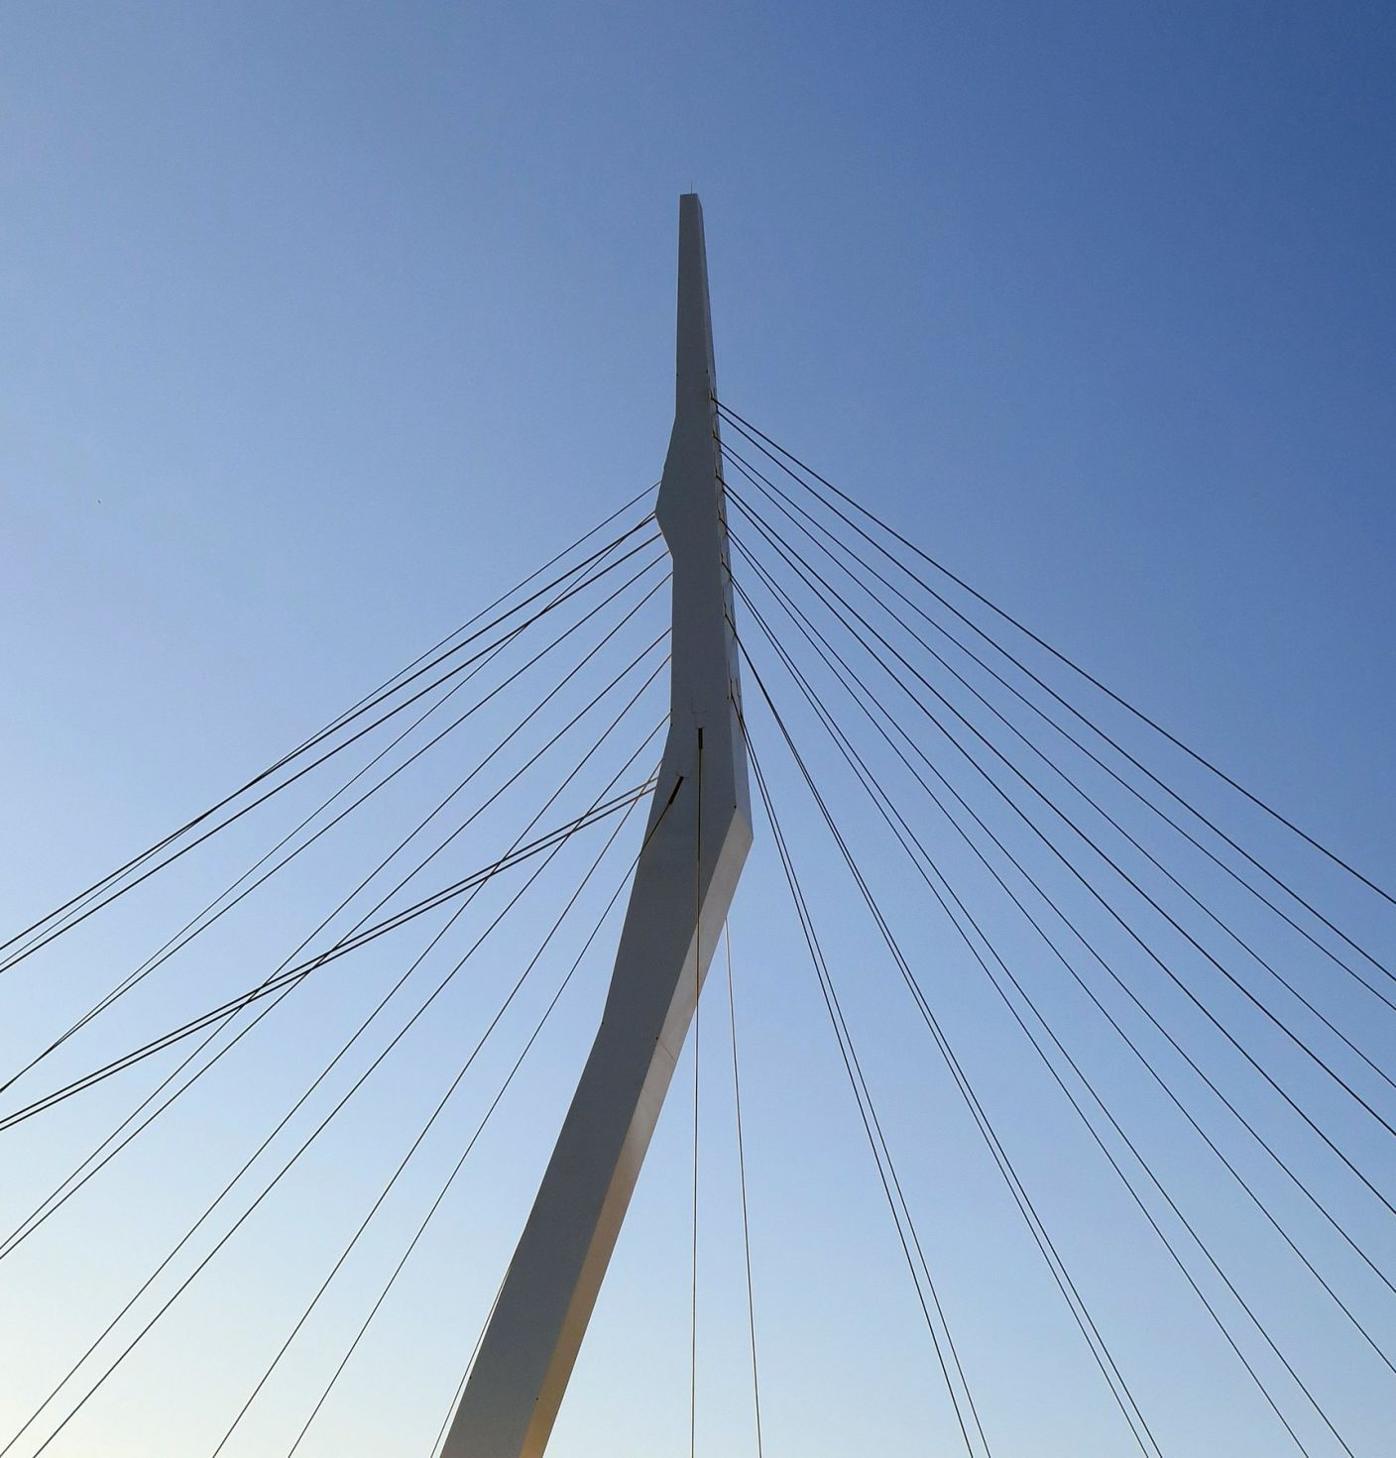 North Atwater Bridge under construction 8-17-2019 6-34-58 PM.JPG